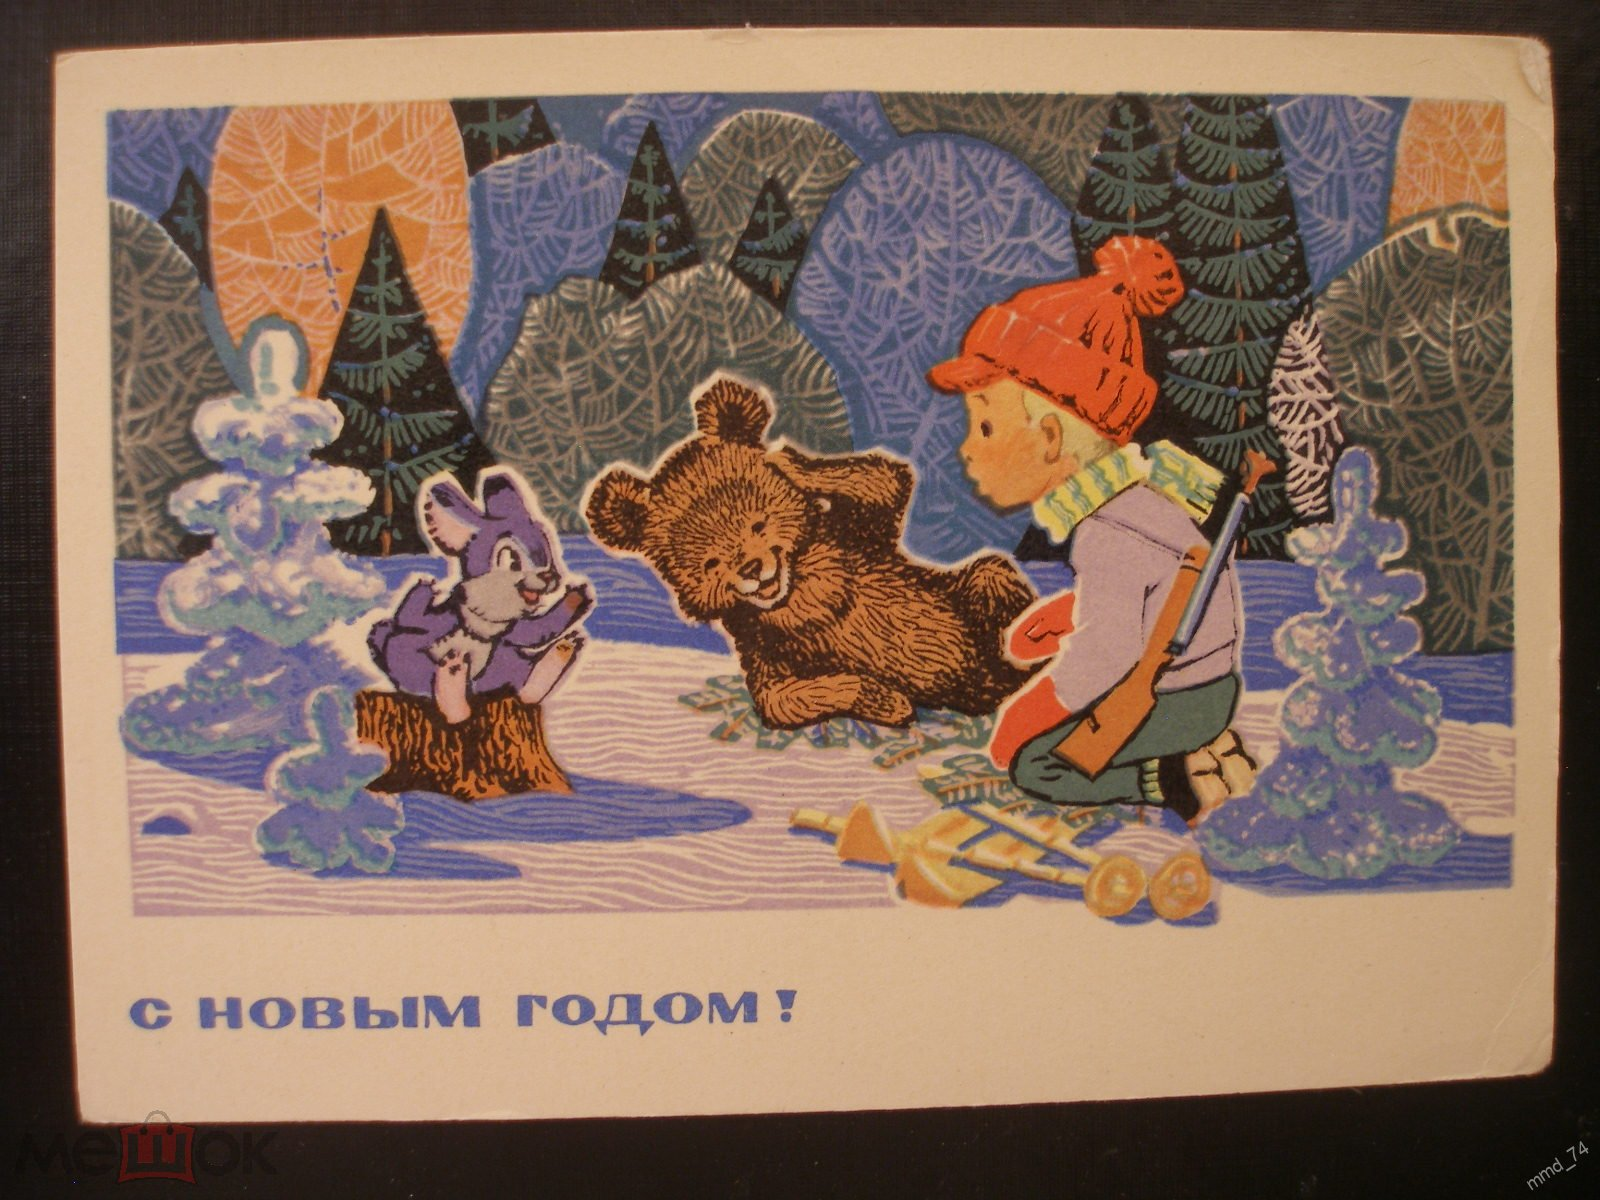 Доброе утро, каталог открыток с новым годом зарубин